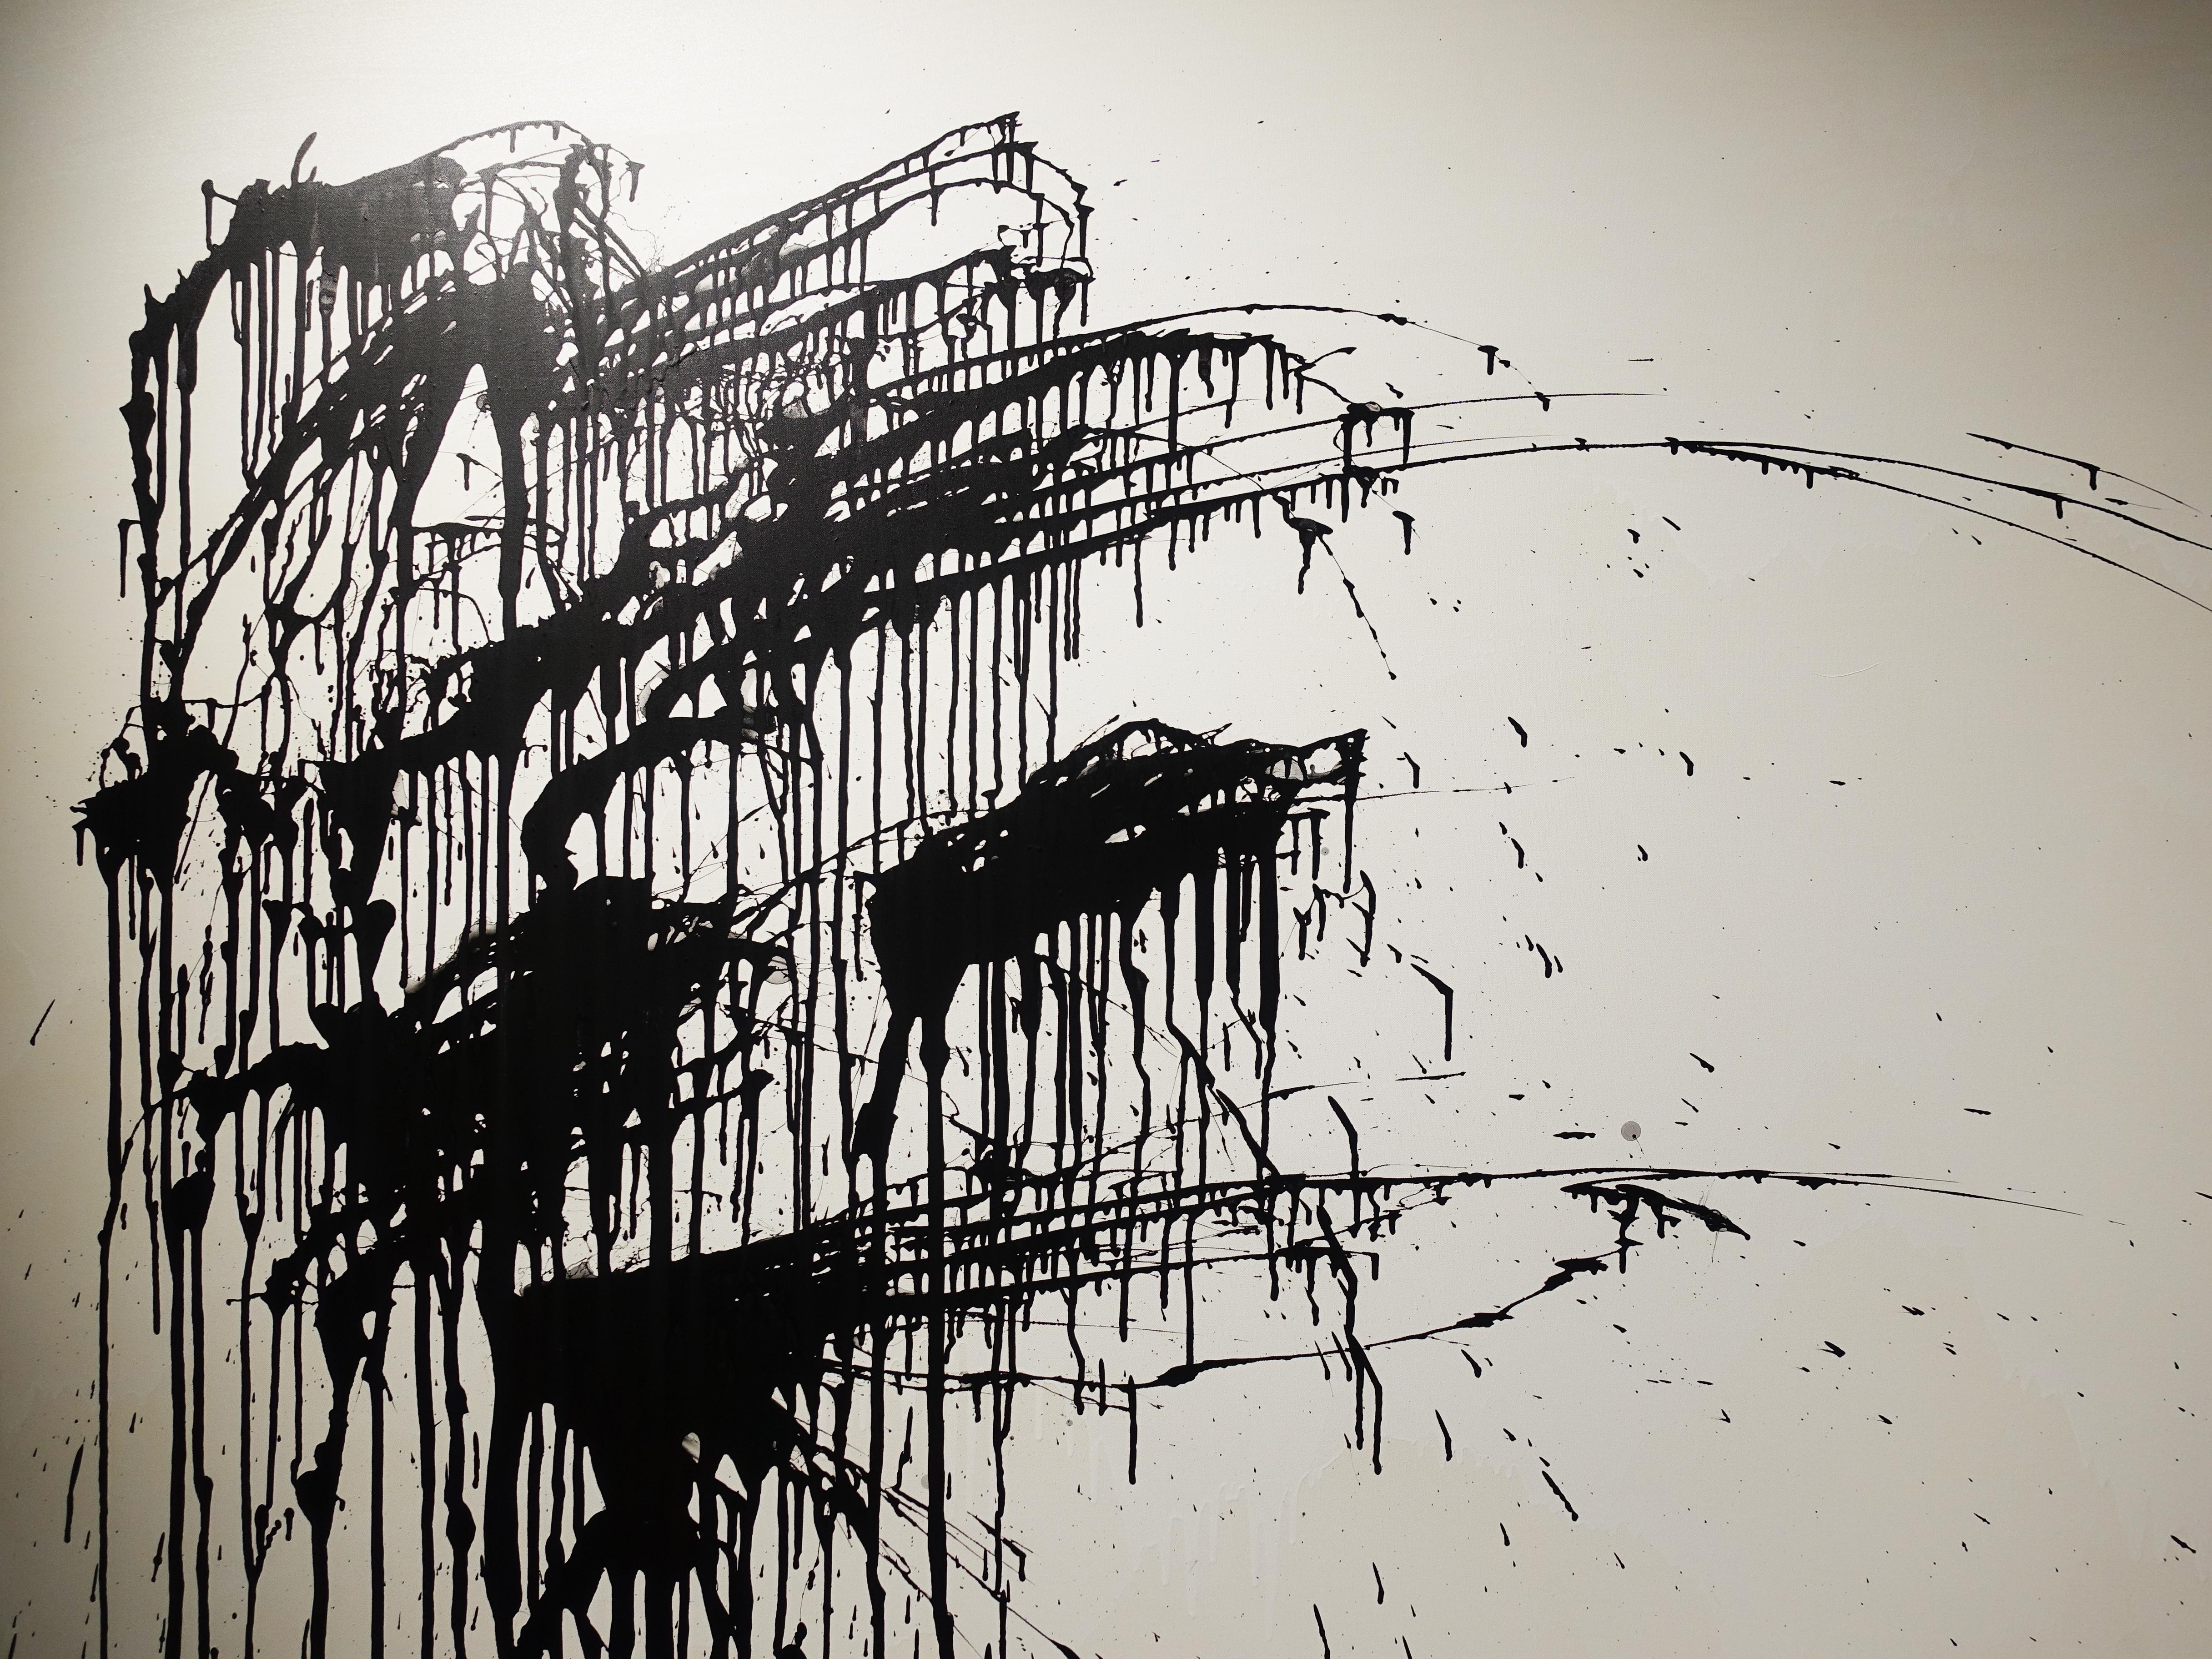 謝宛儒,《開運竹》細節,130 x 194 cm,壓克力、畫布,2020。